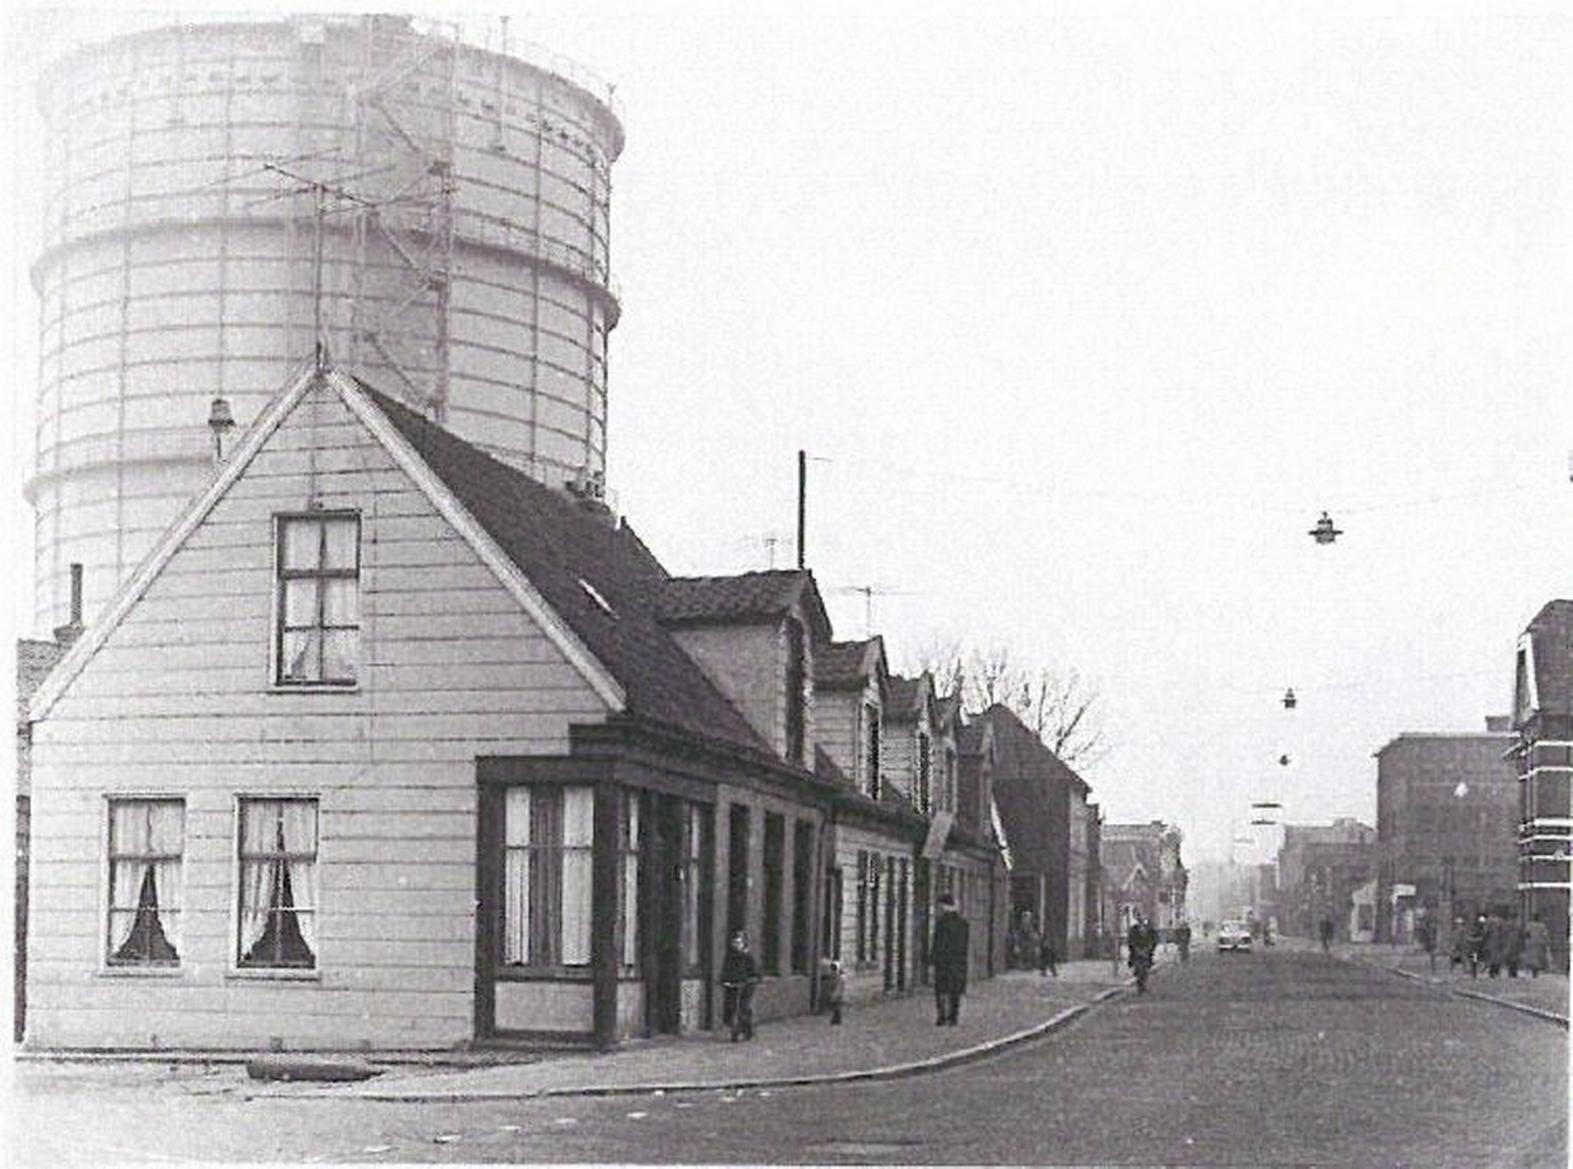 Vervallen houten arbeidershuisjes op de Westzijde in Zaandam gerestaureerd: uitbouw aan achterzijde als 'goedjaarseind'